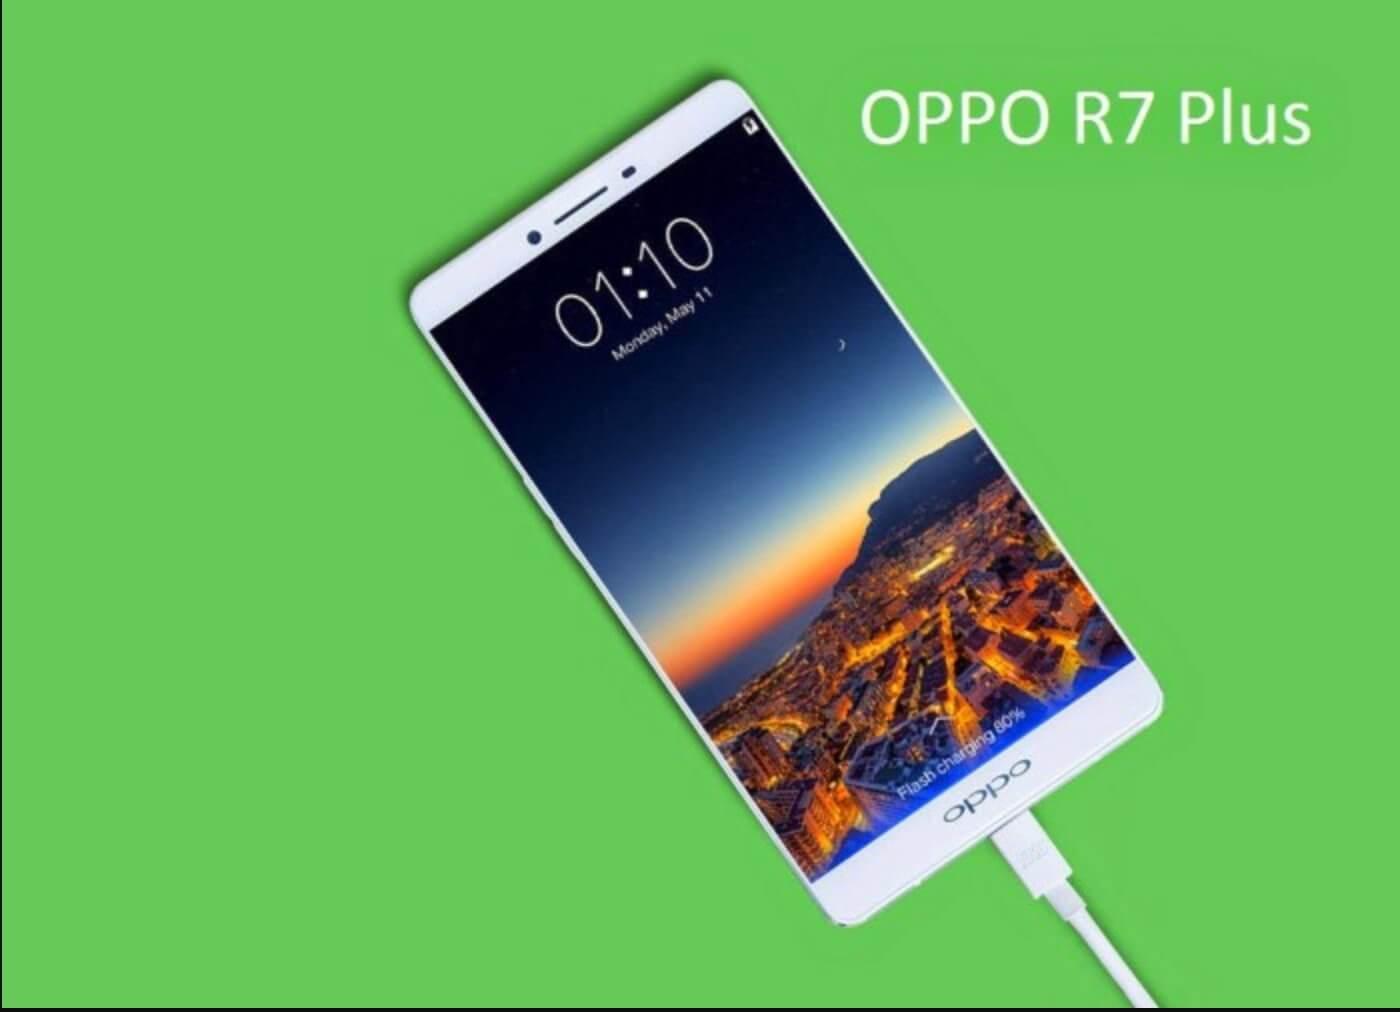 OPPO R7s Dan OPPO R7 Plus Mana Yang Lebih Baik?